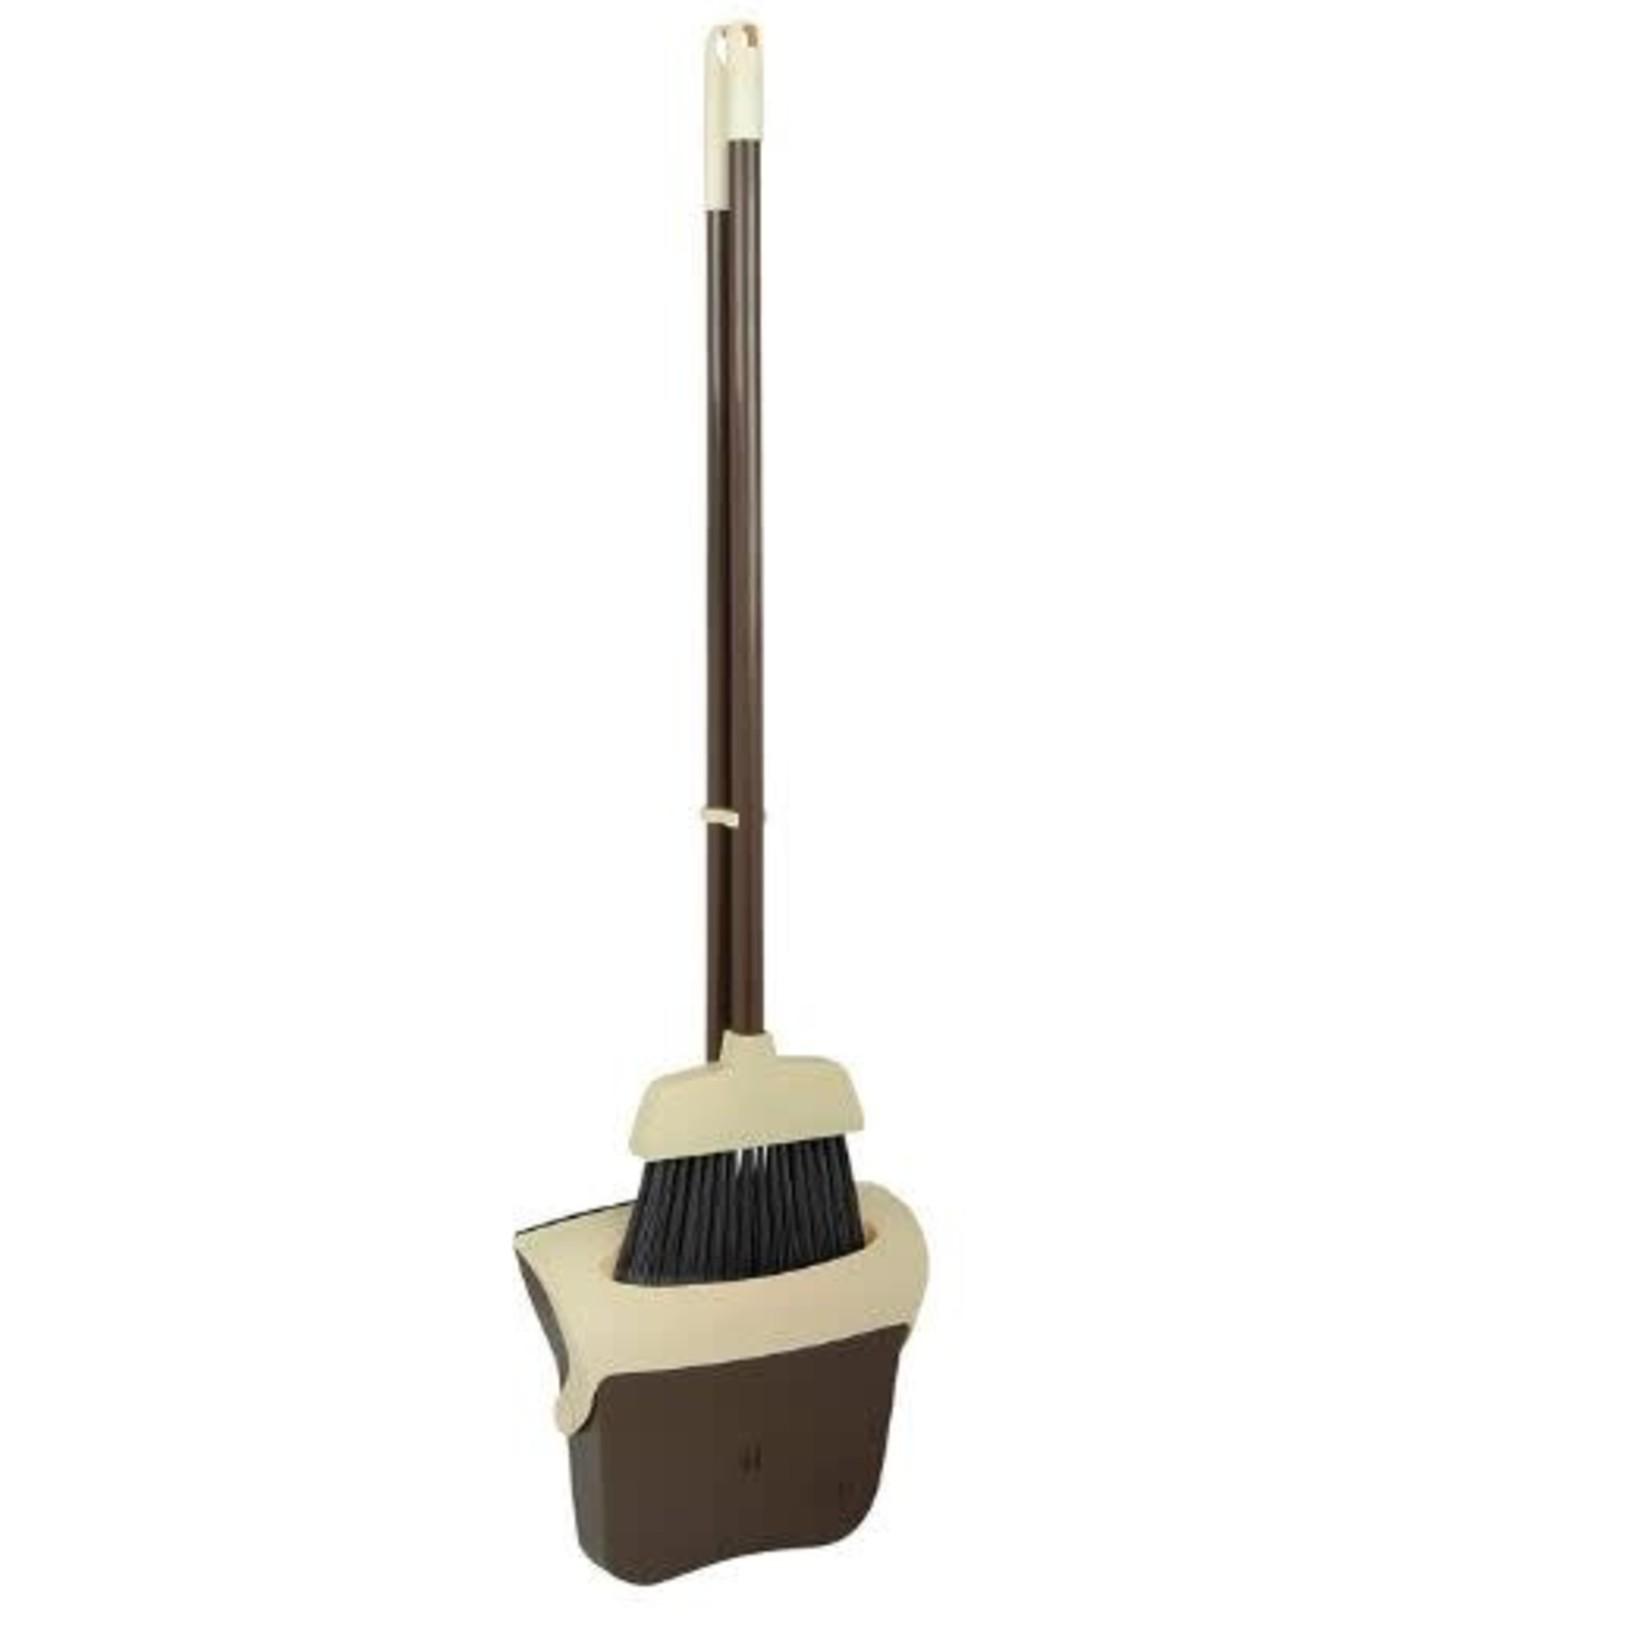 Beige/Brown Broom & Dust Pan Set